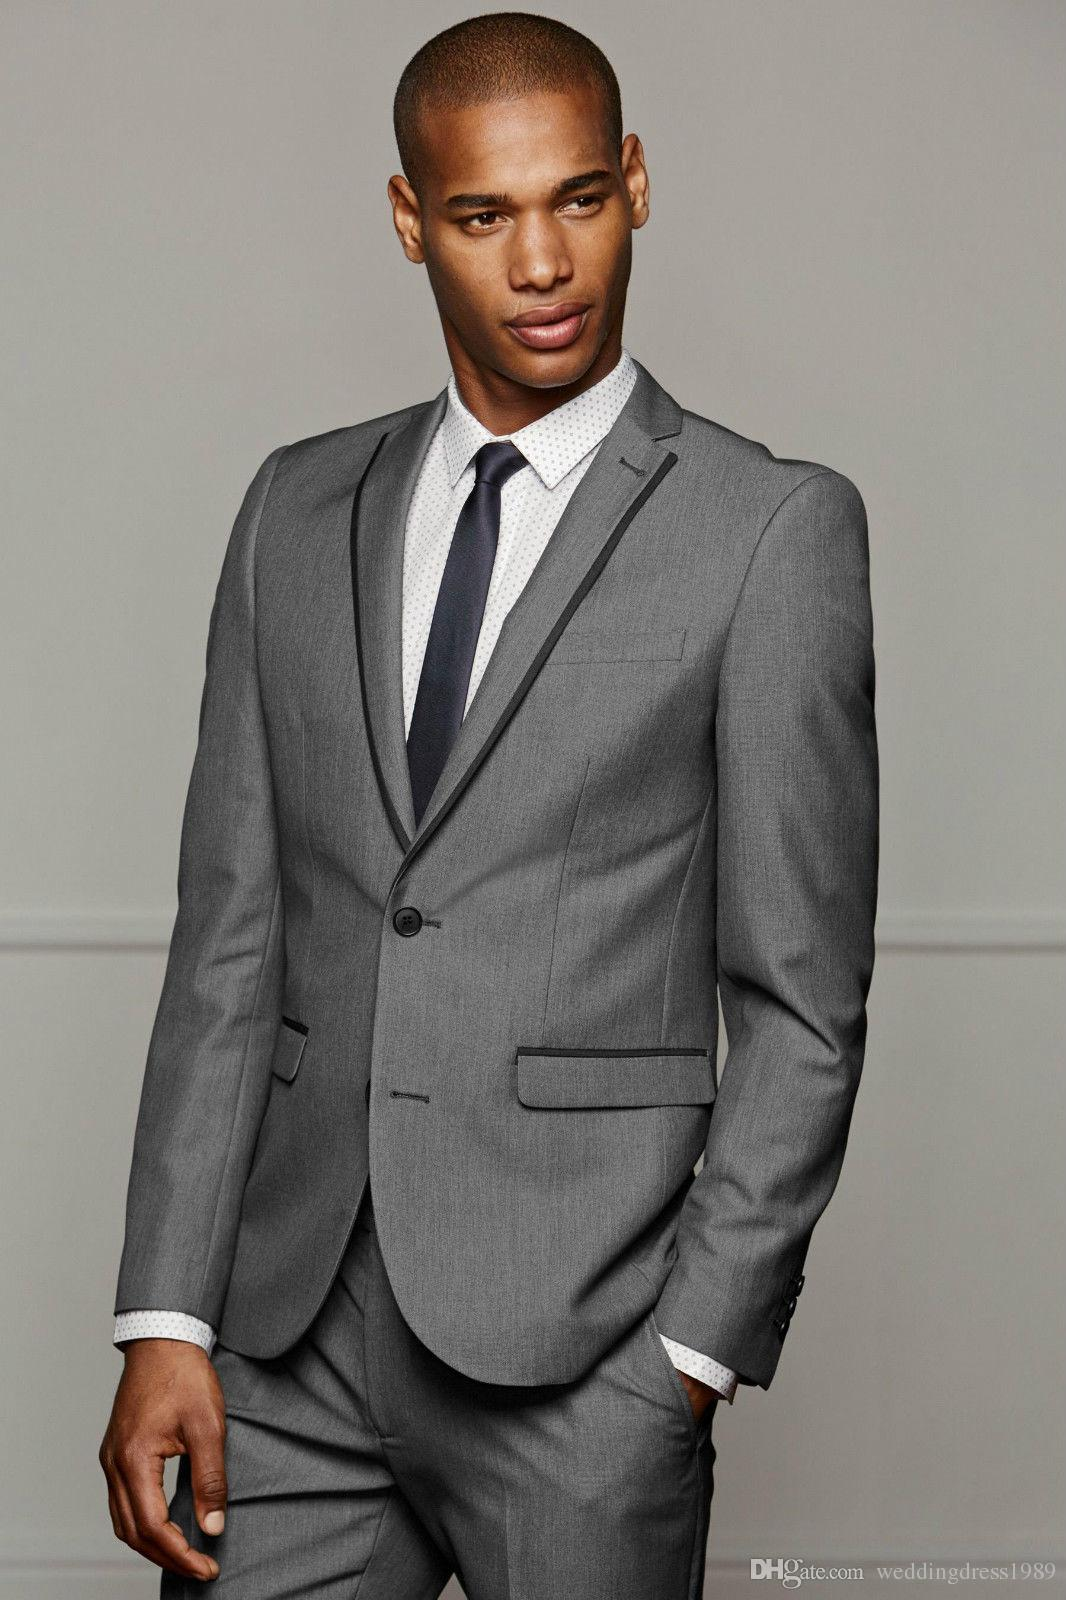 Modest Lapel Business Men Suits for Wedding Groom Tuxedos Best Man Bridegroom Wedding Suits Groomsmen Suits Jacket+Pants+Vest+Tie